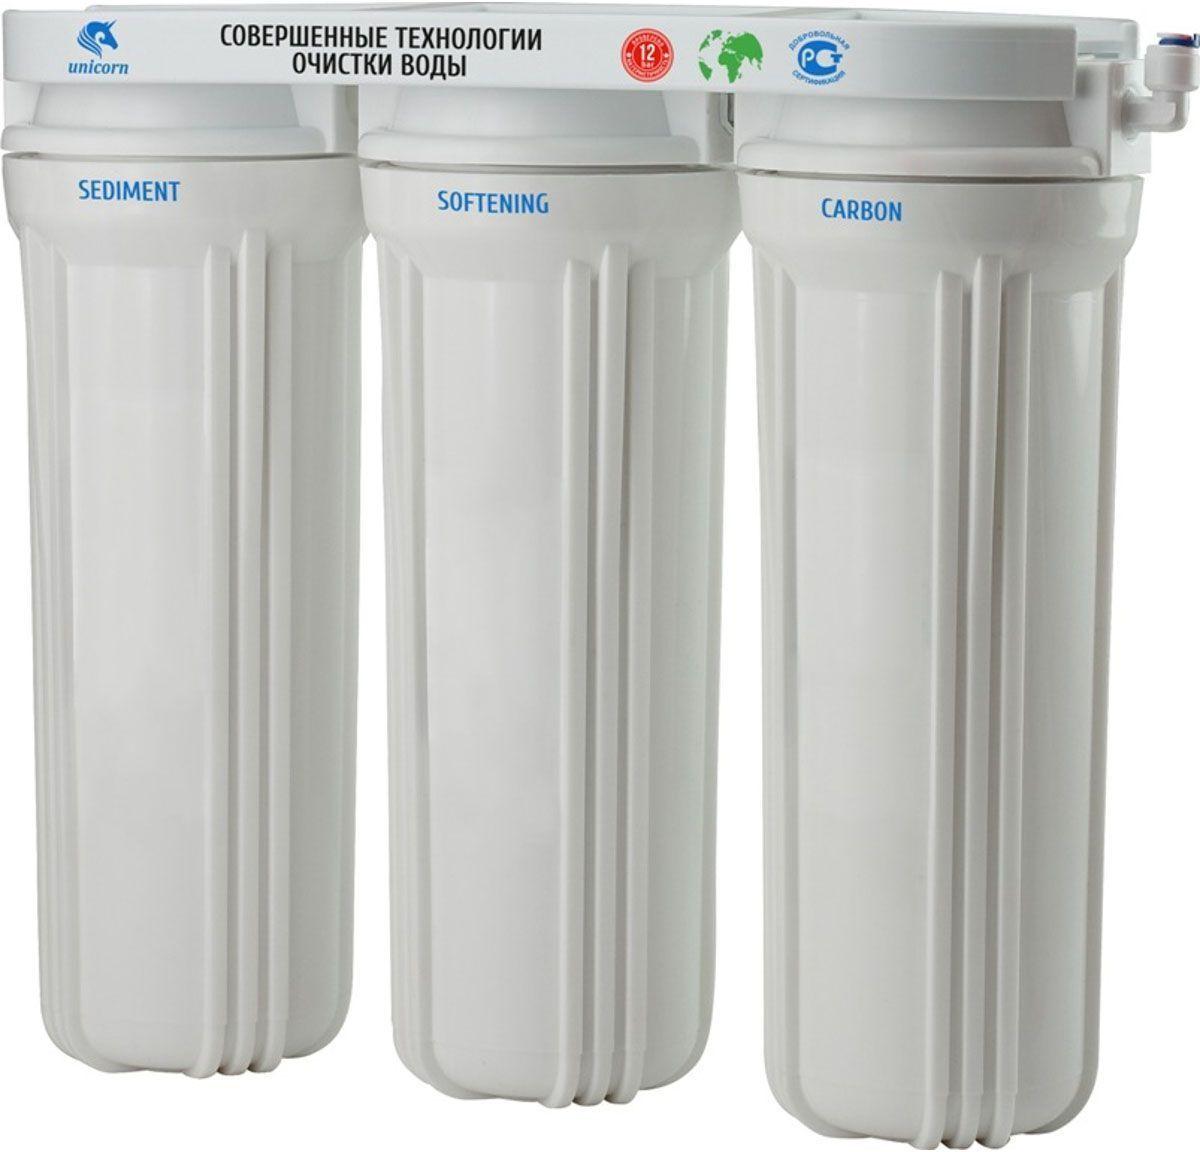 """Система очистки воды Unicorn """"FPS-3"""" предназначена для  установки под кухонную мойку. Эффективно решает вопросы  очистки воды, поскольку есть возможность использования  различных комплектов картриджей в зависимости от вида  загрязнений.  Трехступенчатый фильтр для доочистки воды снабжен тремя  фильтрующими картриджами стандартных размеров. Фильтр  высокоэффективно очищает воду от механических примесей,  хлора и его соединений, устраняет мутность, неприятный  запах и вкус. Фильтр устанавливается под кухонной мойкой и  подключается к водопроводу с помощью хромированного  латунного адаптера. Удобен и прост в установке.  1 ступень очистки:  Механическая очистка: удаляет из воды песок, ржавчину,  осадок, глину, ил, окалину, суспензии и другие механические  примеси.  2 ступень очистки:  Стандартная или улучшенная сорбционная (угольная)  очистка: задерживает тяжелые металлы, особенно  эффективно очищает воду от хлора и его соединений,  пестицидов, гербицидов и других тригалогенметанов.  Значительно улучшает вкус воды, ее органолептические  характеристики, при этом сохраняется природная структура  воды и полезный минеральный состав. Возможно также  использование специализированных картриджей для  эффективного умягчения воды и обезжелезивания.  3 ступень очистки:  Сорбционная (угольная) очистка: задерживает тяжелые  металлы, очищает воду от хлора и его соединений,  пестицидов, гербицидов."""